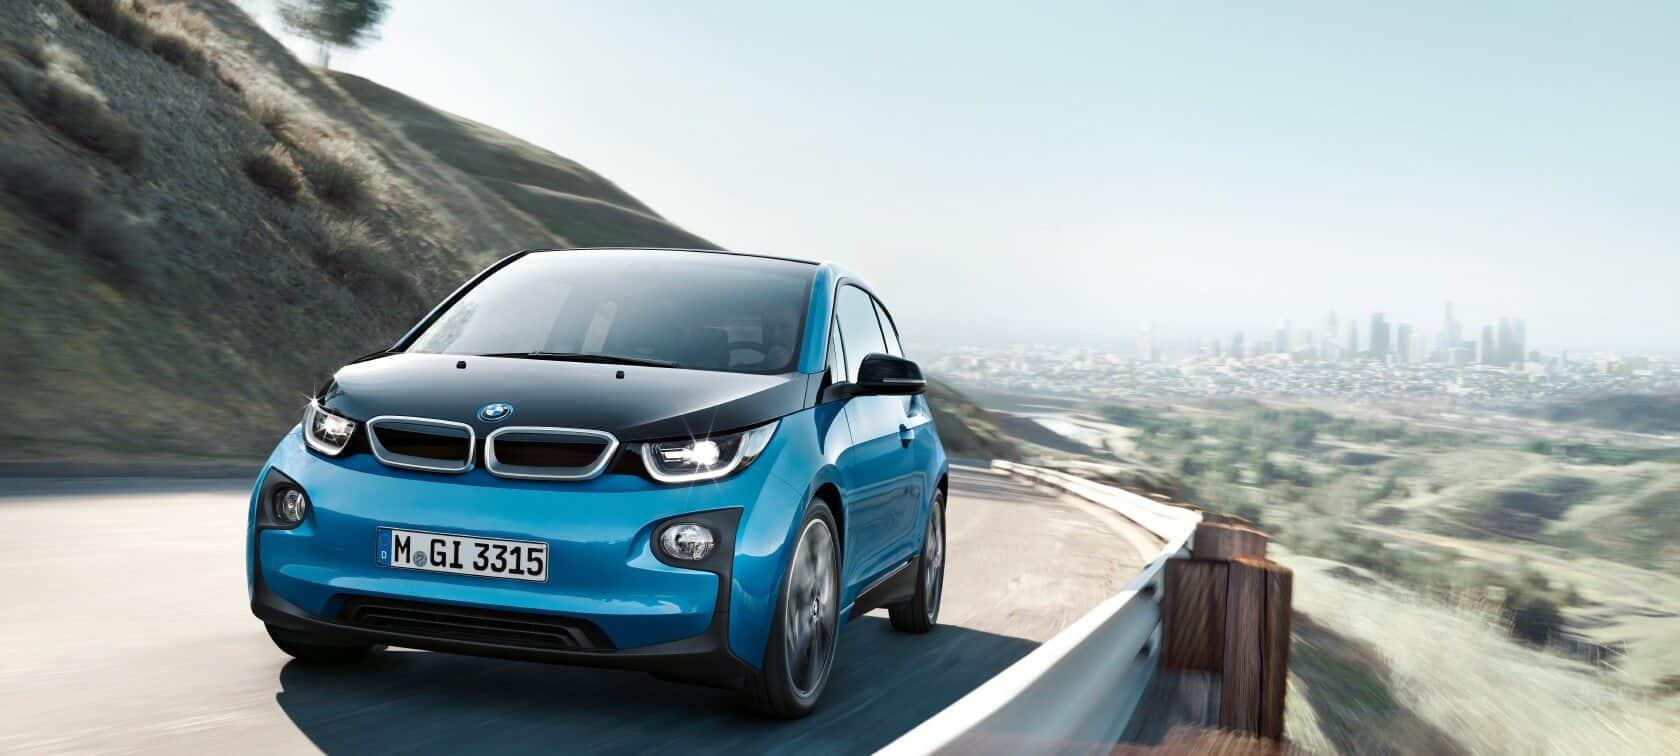 2017 BMW i3 on road